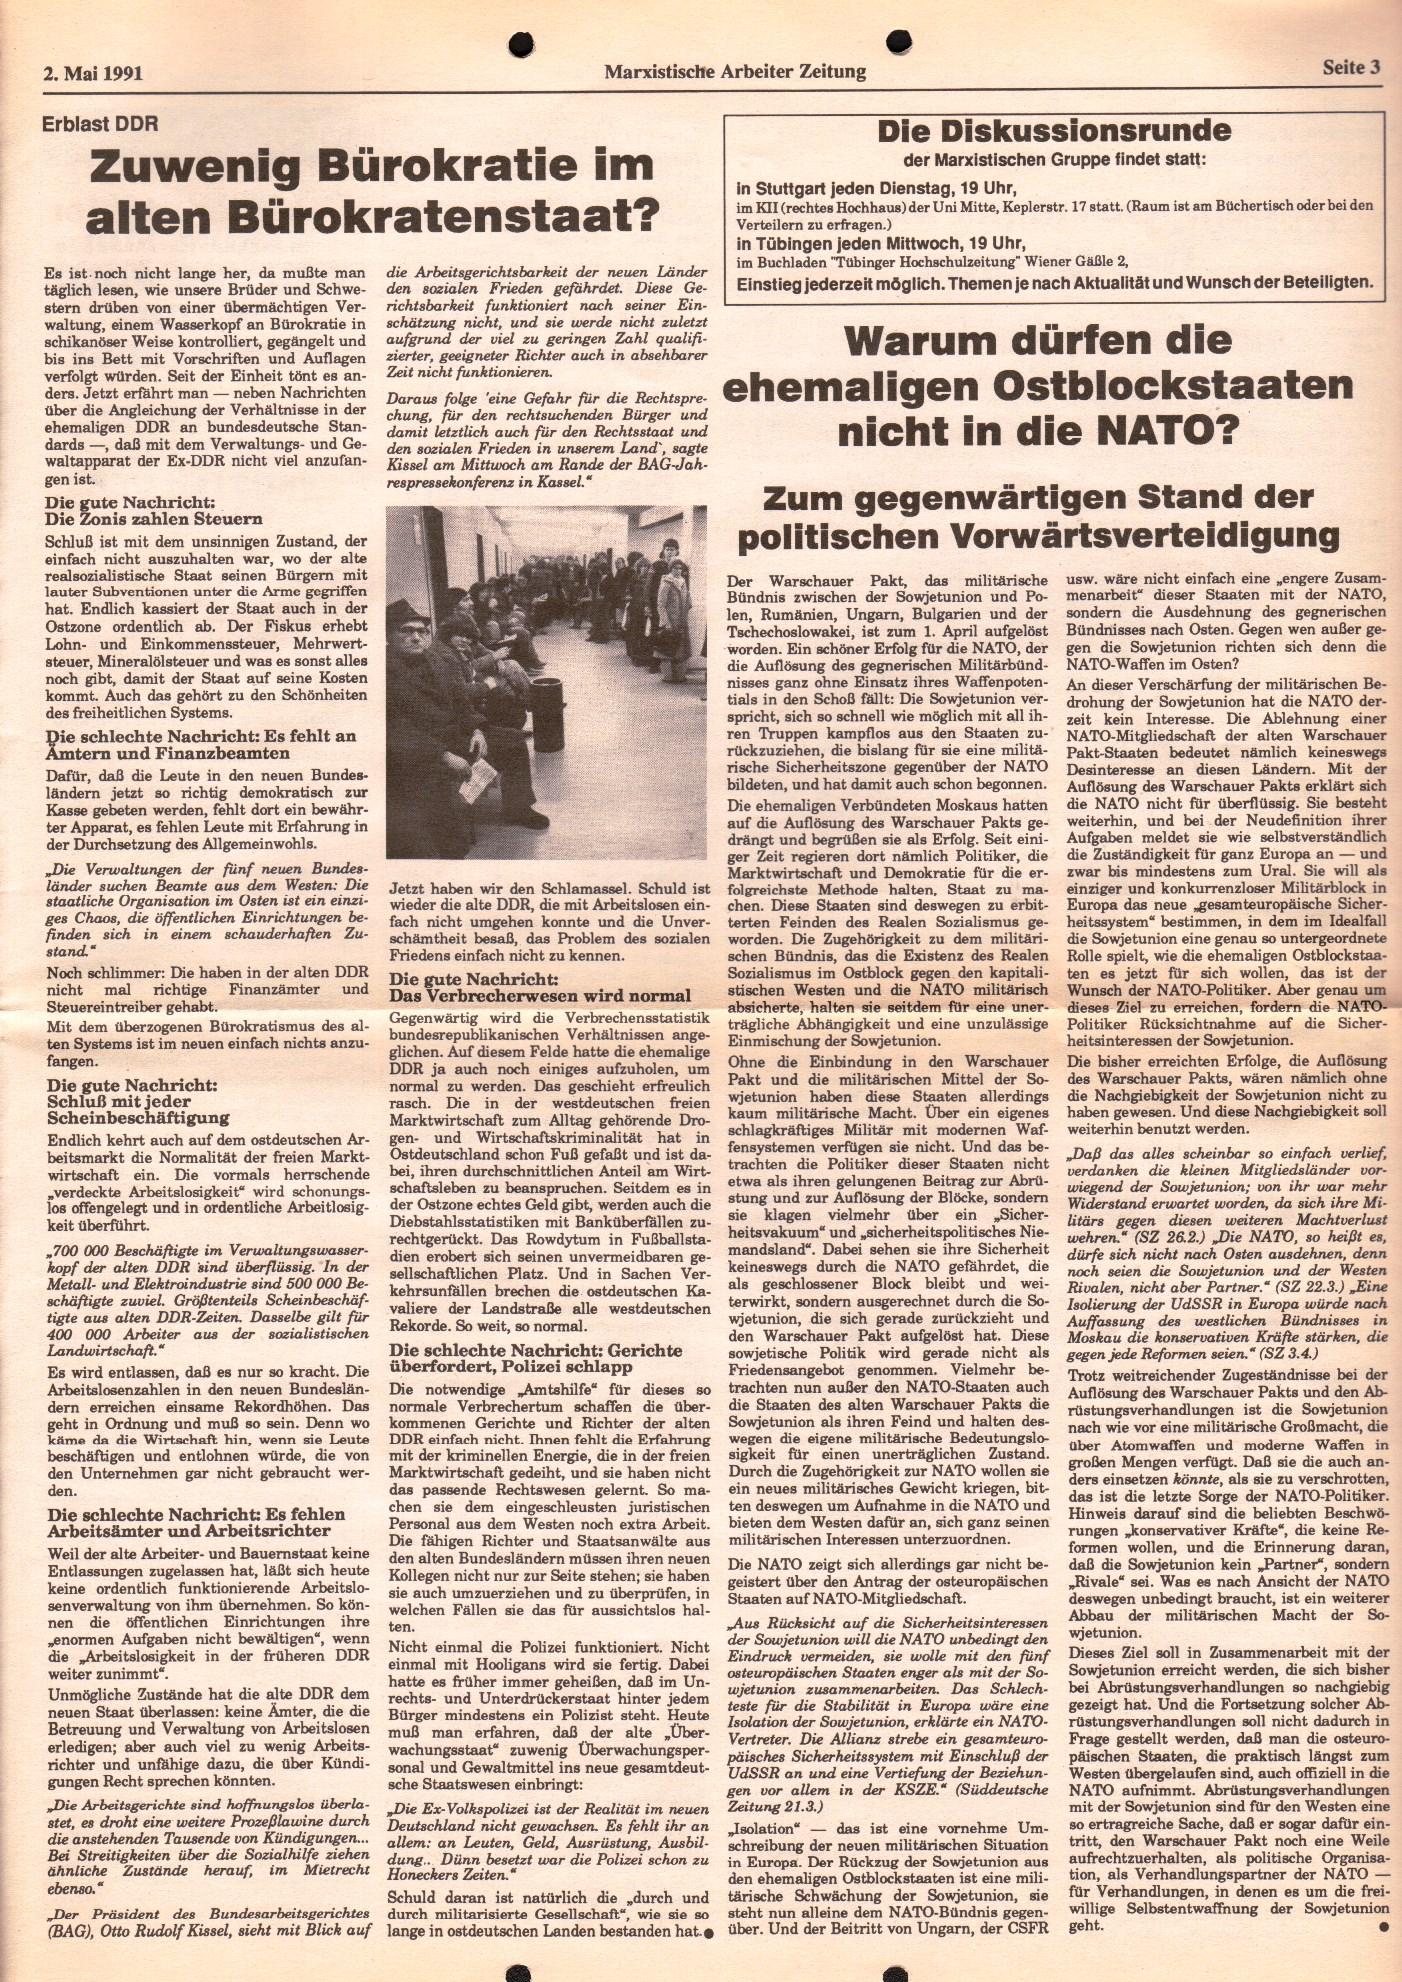 BW_MG_Marxistische_Arbeiterzeitung_19910502_03